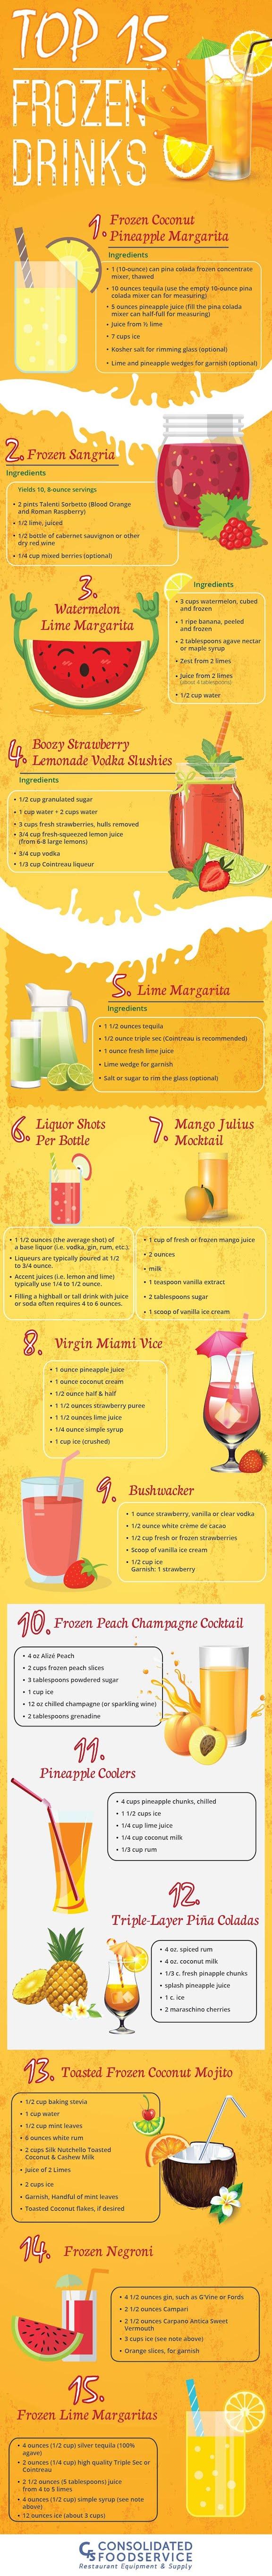 Top 15 Frozen Drinks #infographic